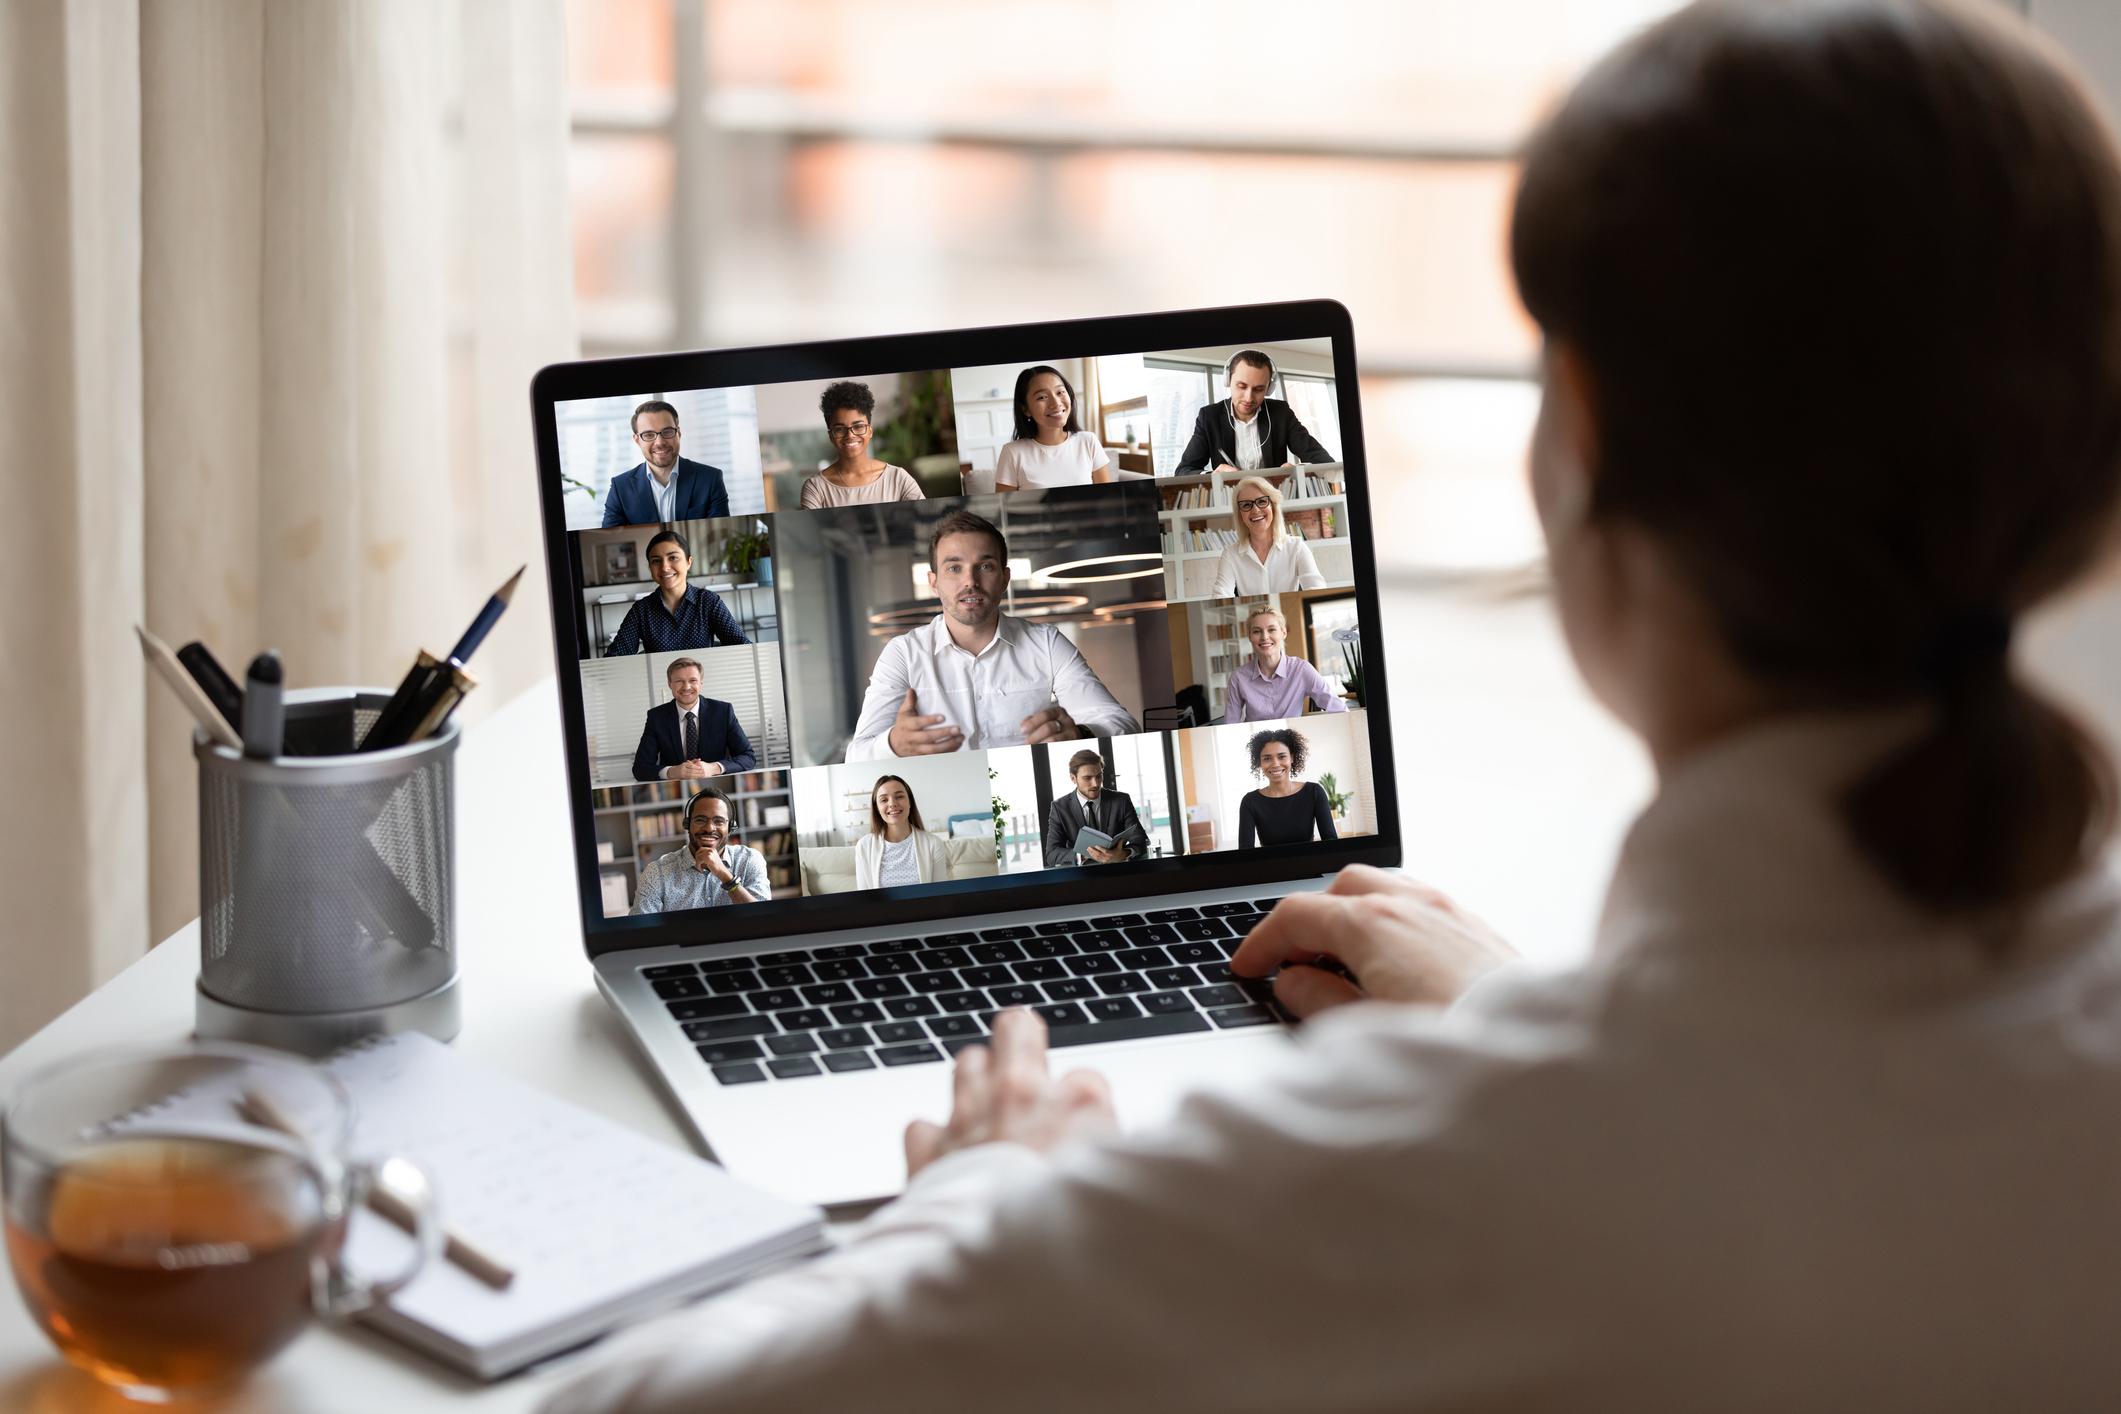 Veja as principais informações sobre assembleia virtual